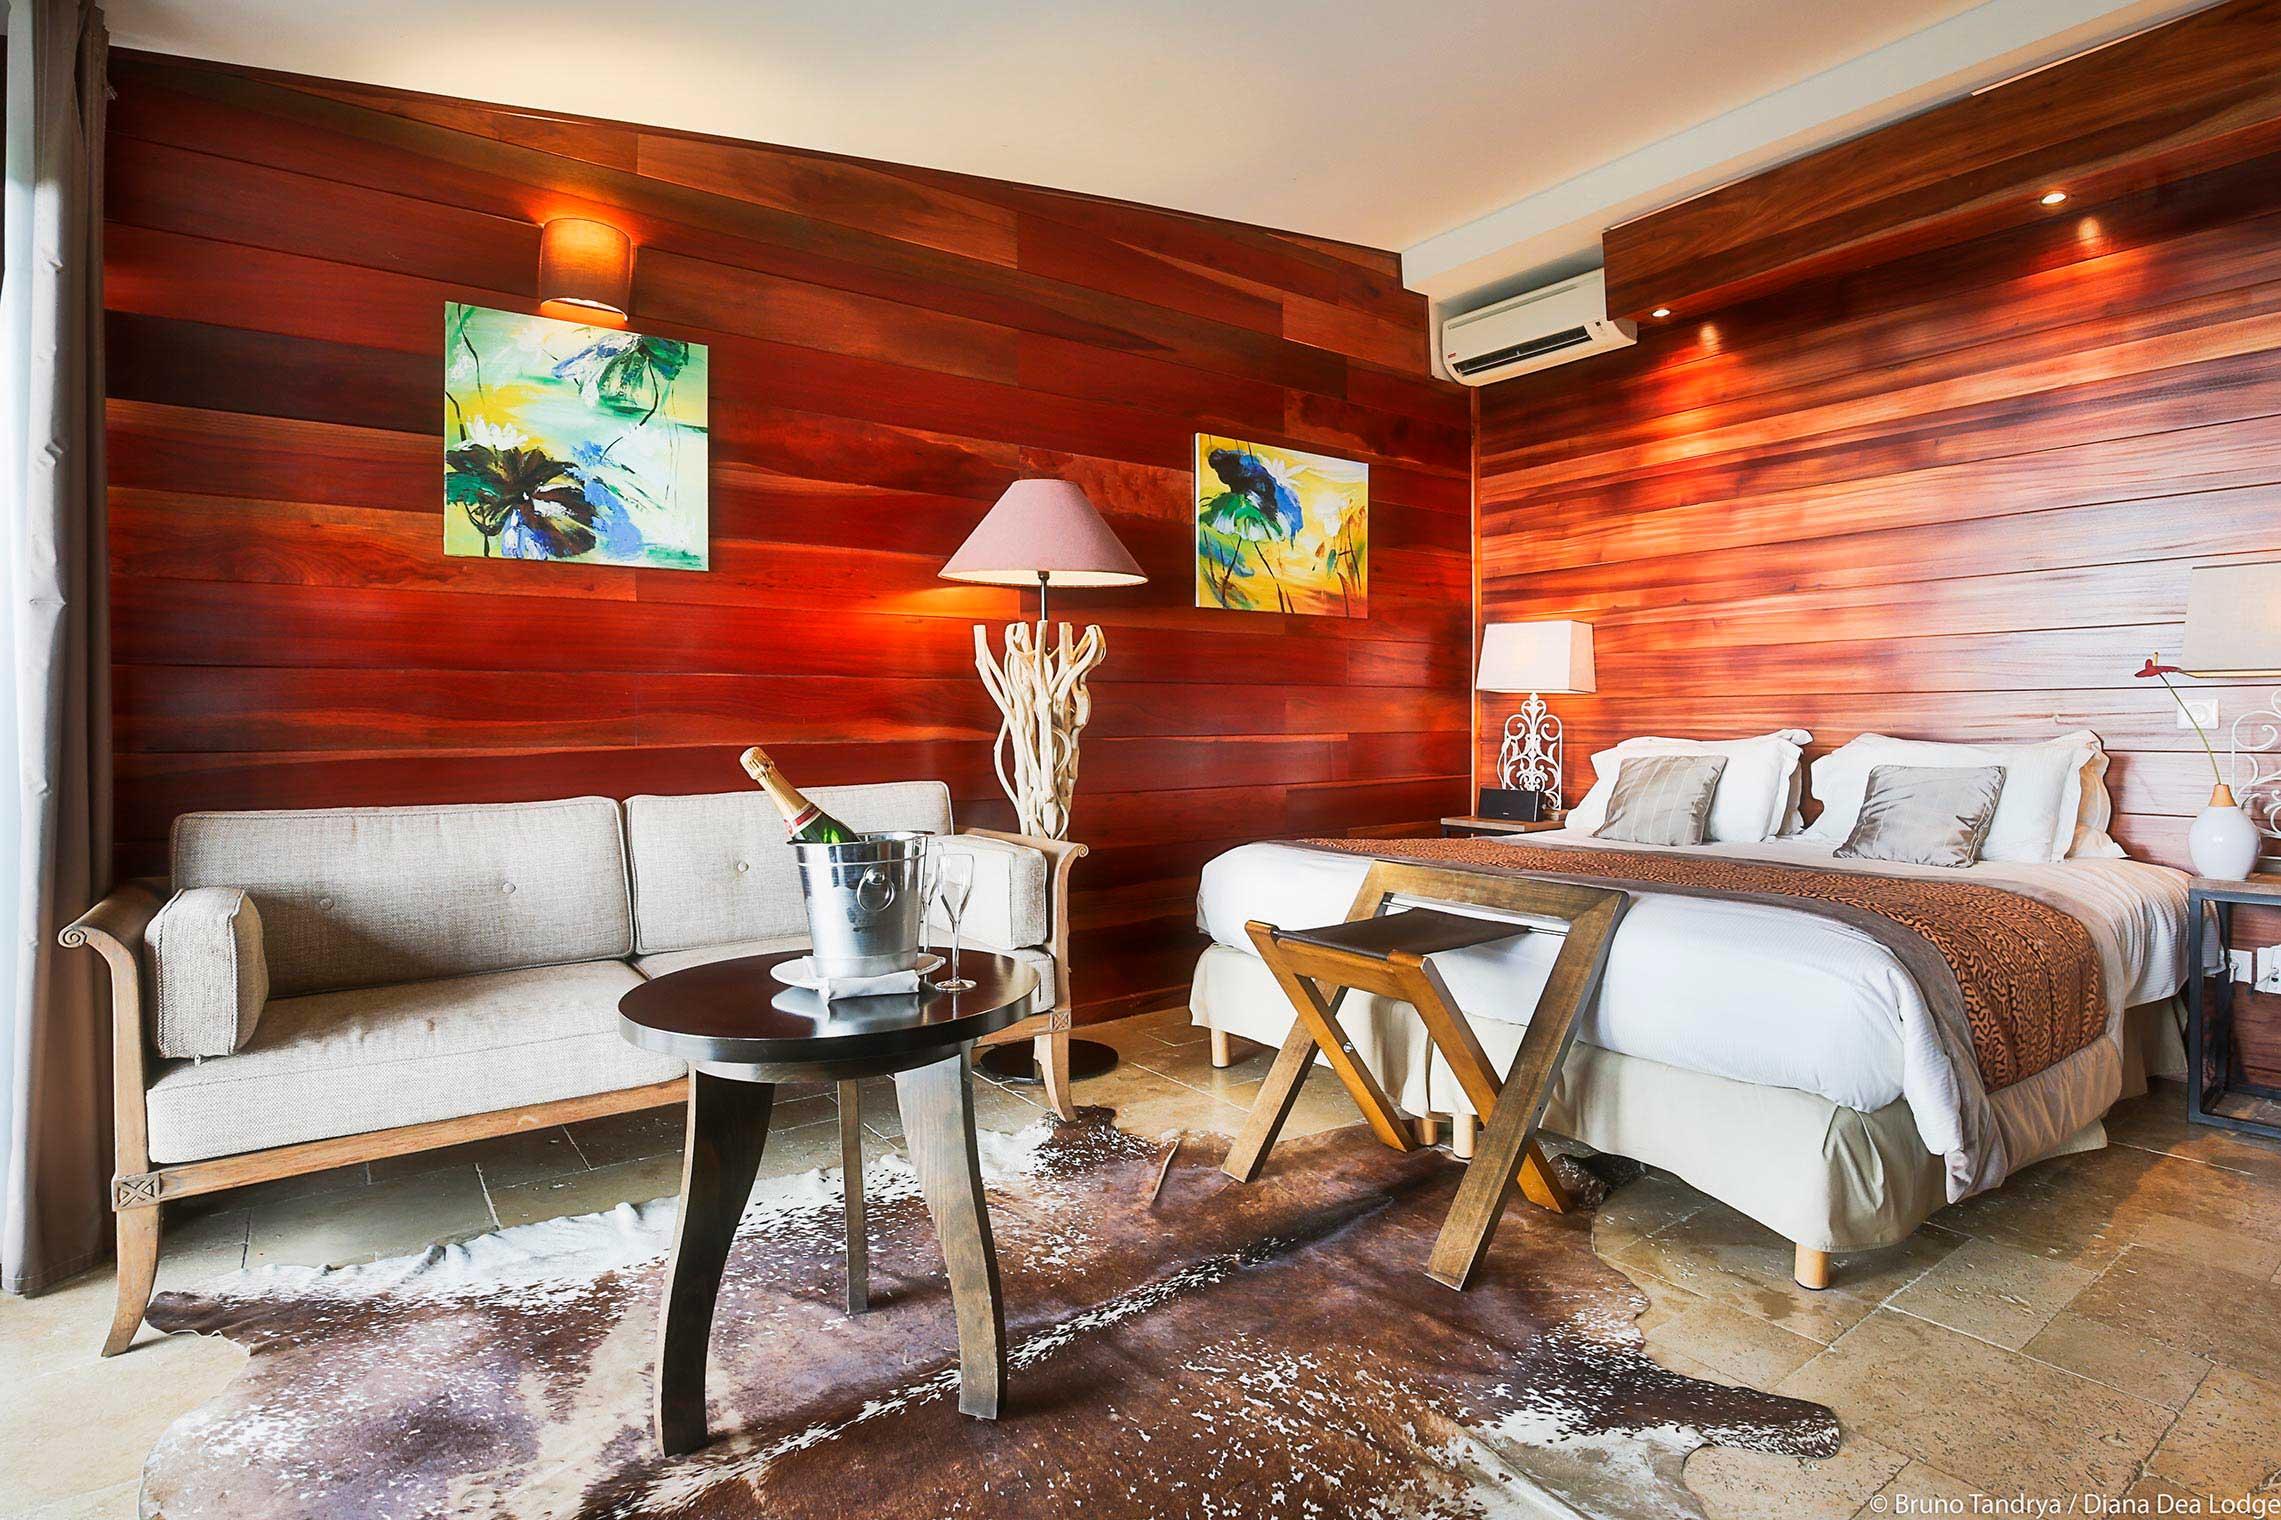 Chambres et Suites tout confort  H´tel Diana Dea Lodge La Réunion